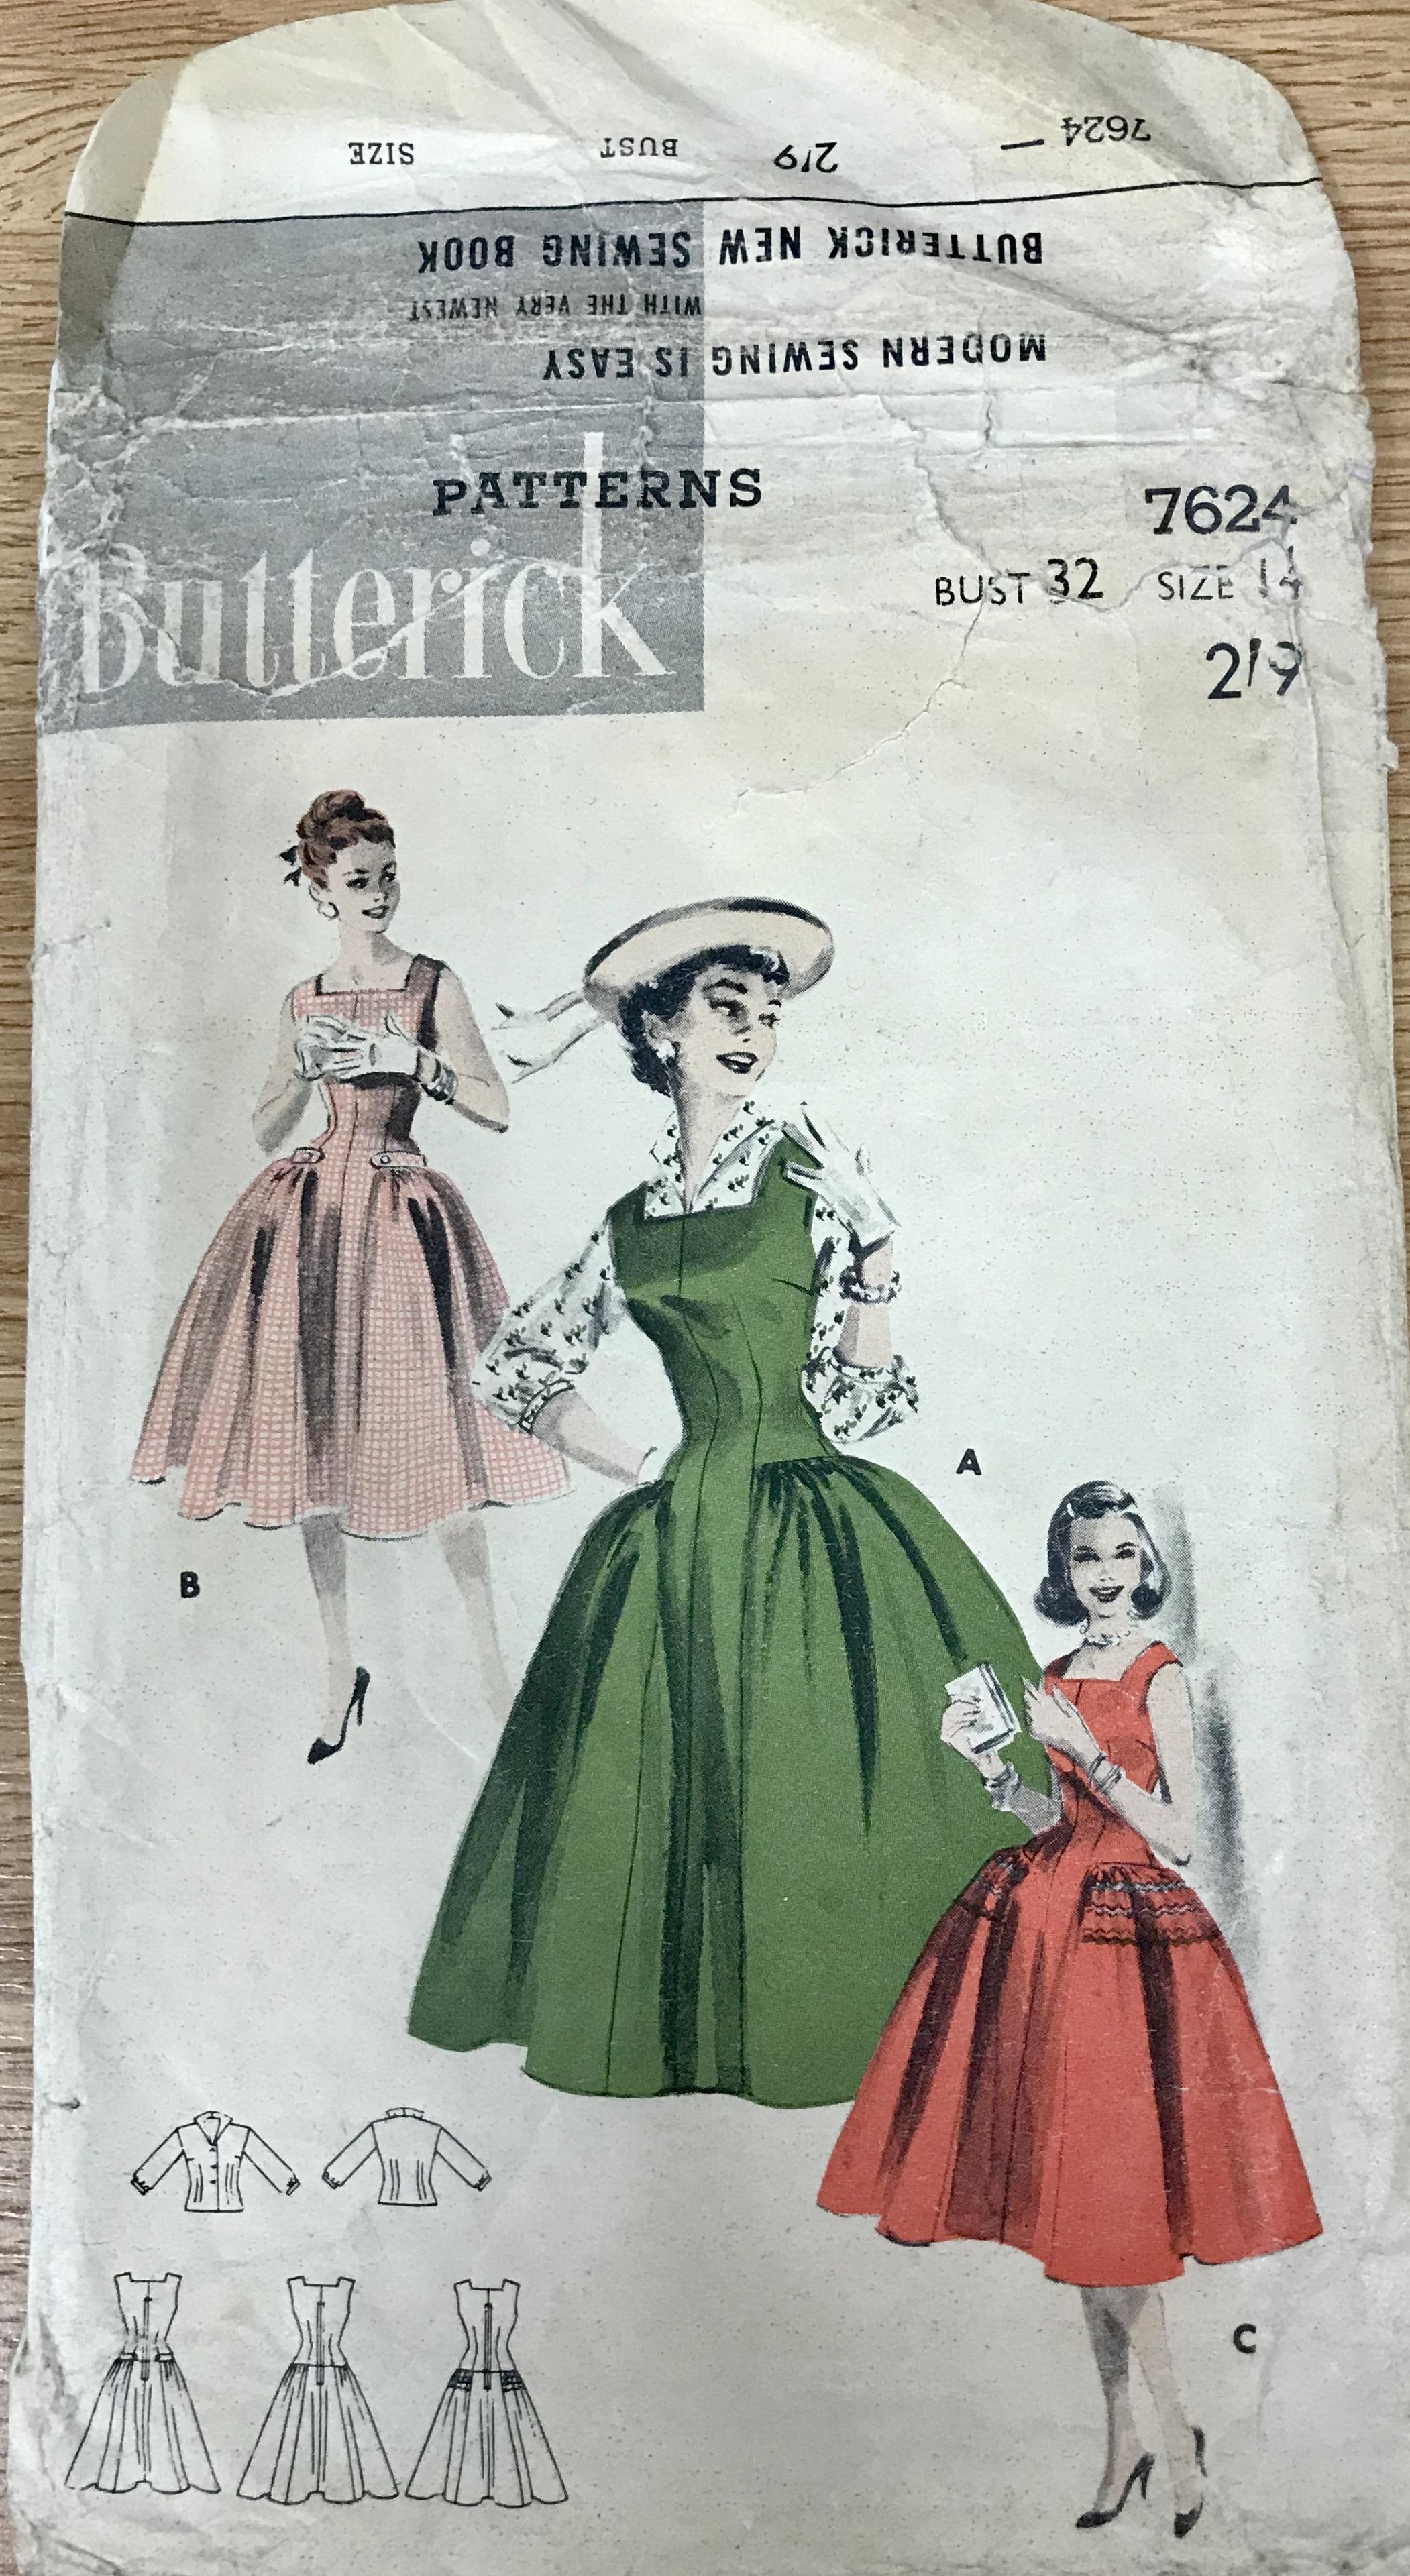 Butterick 7624